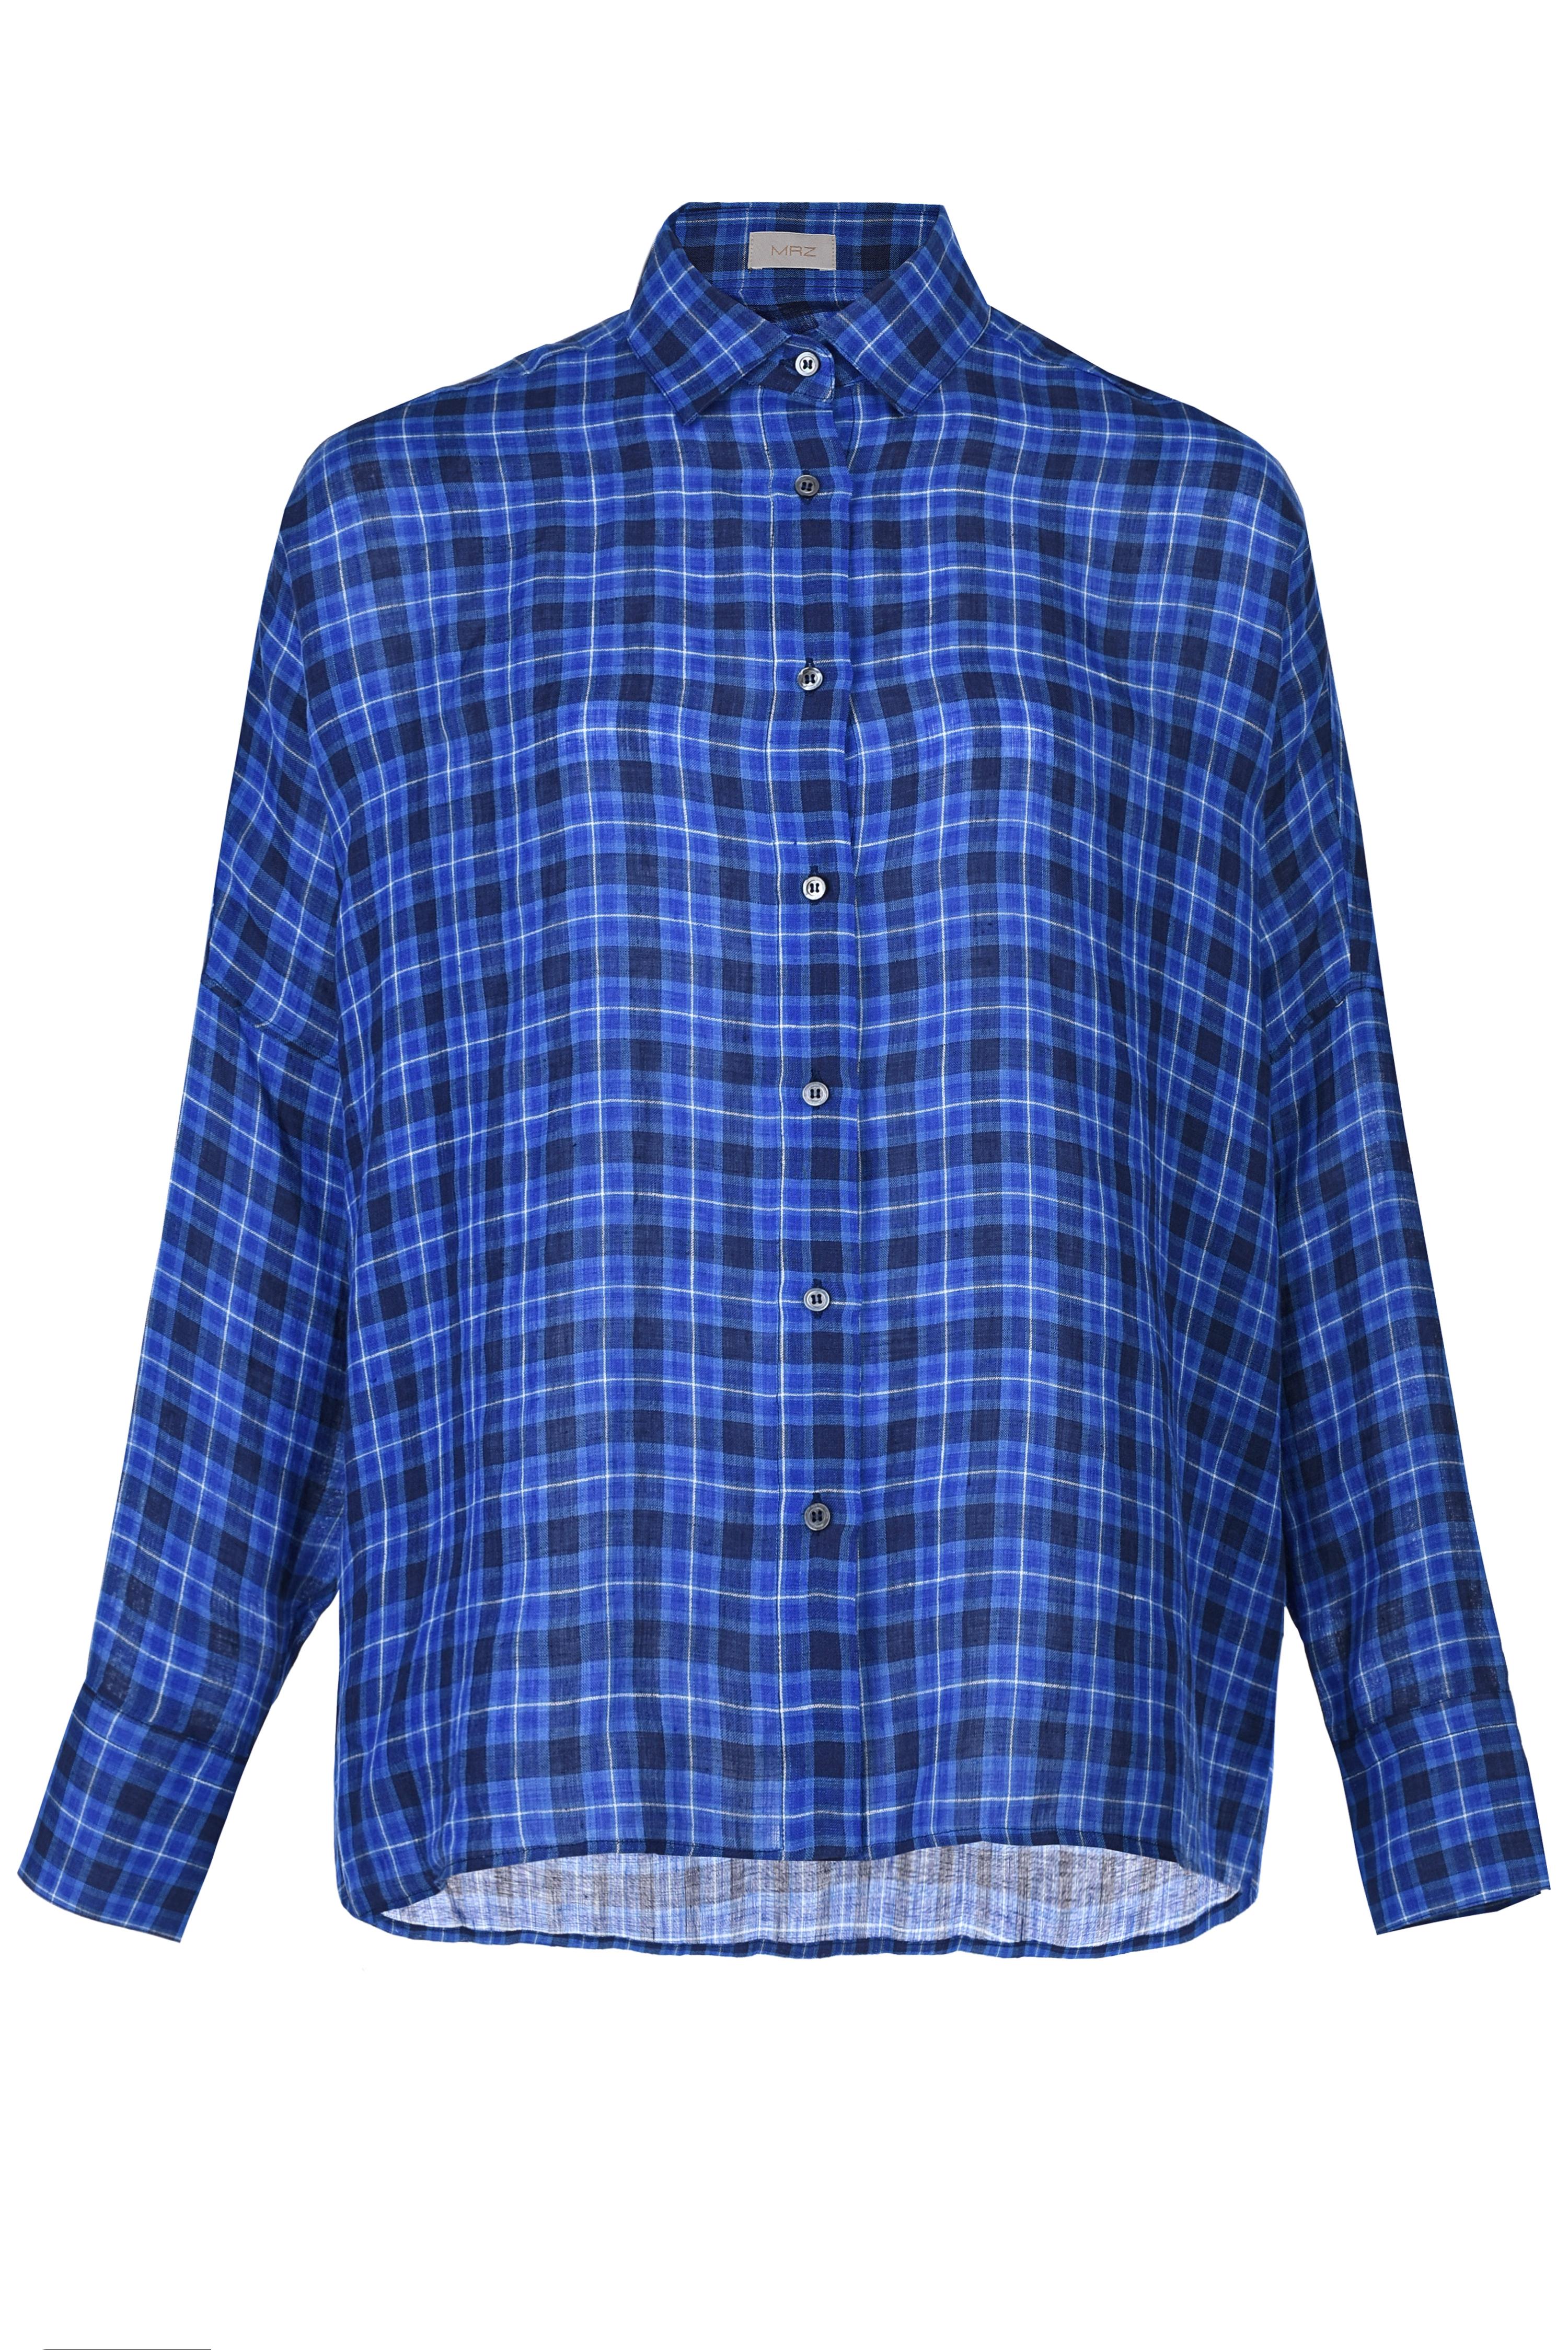 Купить Рубашка MRZ